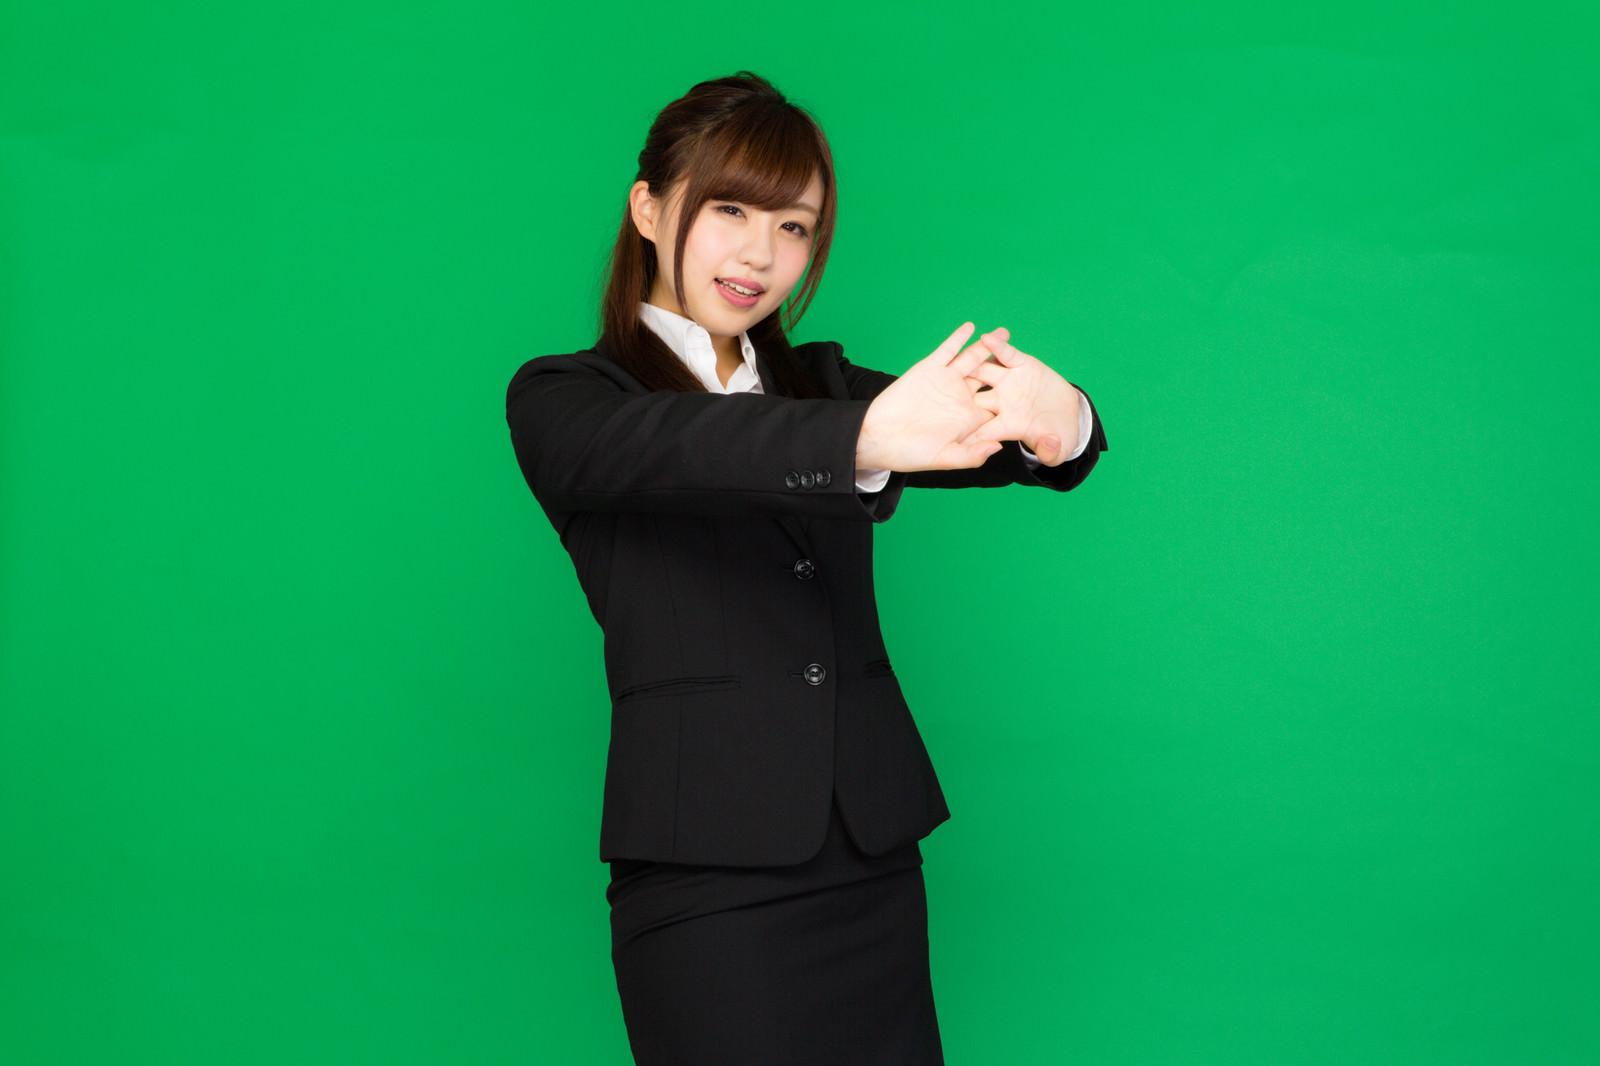 「肩こりが酷くて両手を前に出して伸びをする事務の女性(グリーンバック)」の写真[モデル:河村友歌]